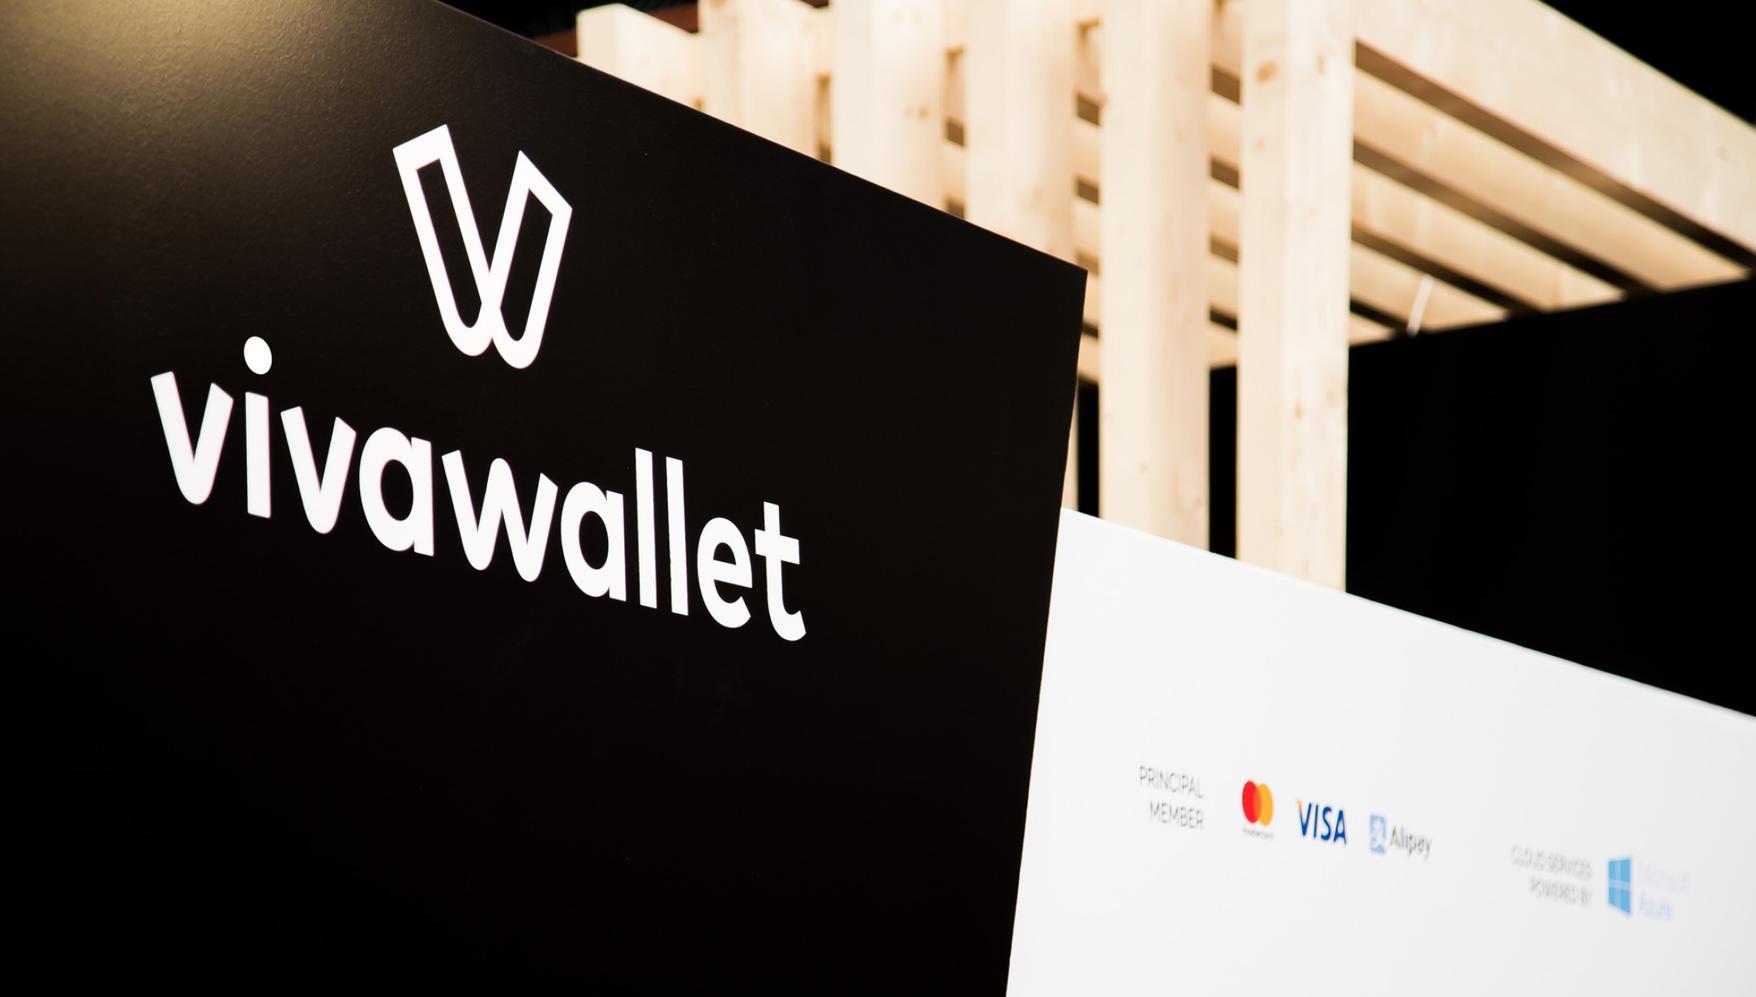 El neobanco Viva Wallet completa ronda de financiación de 80 millones de dólares